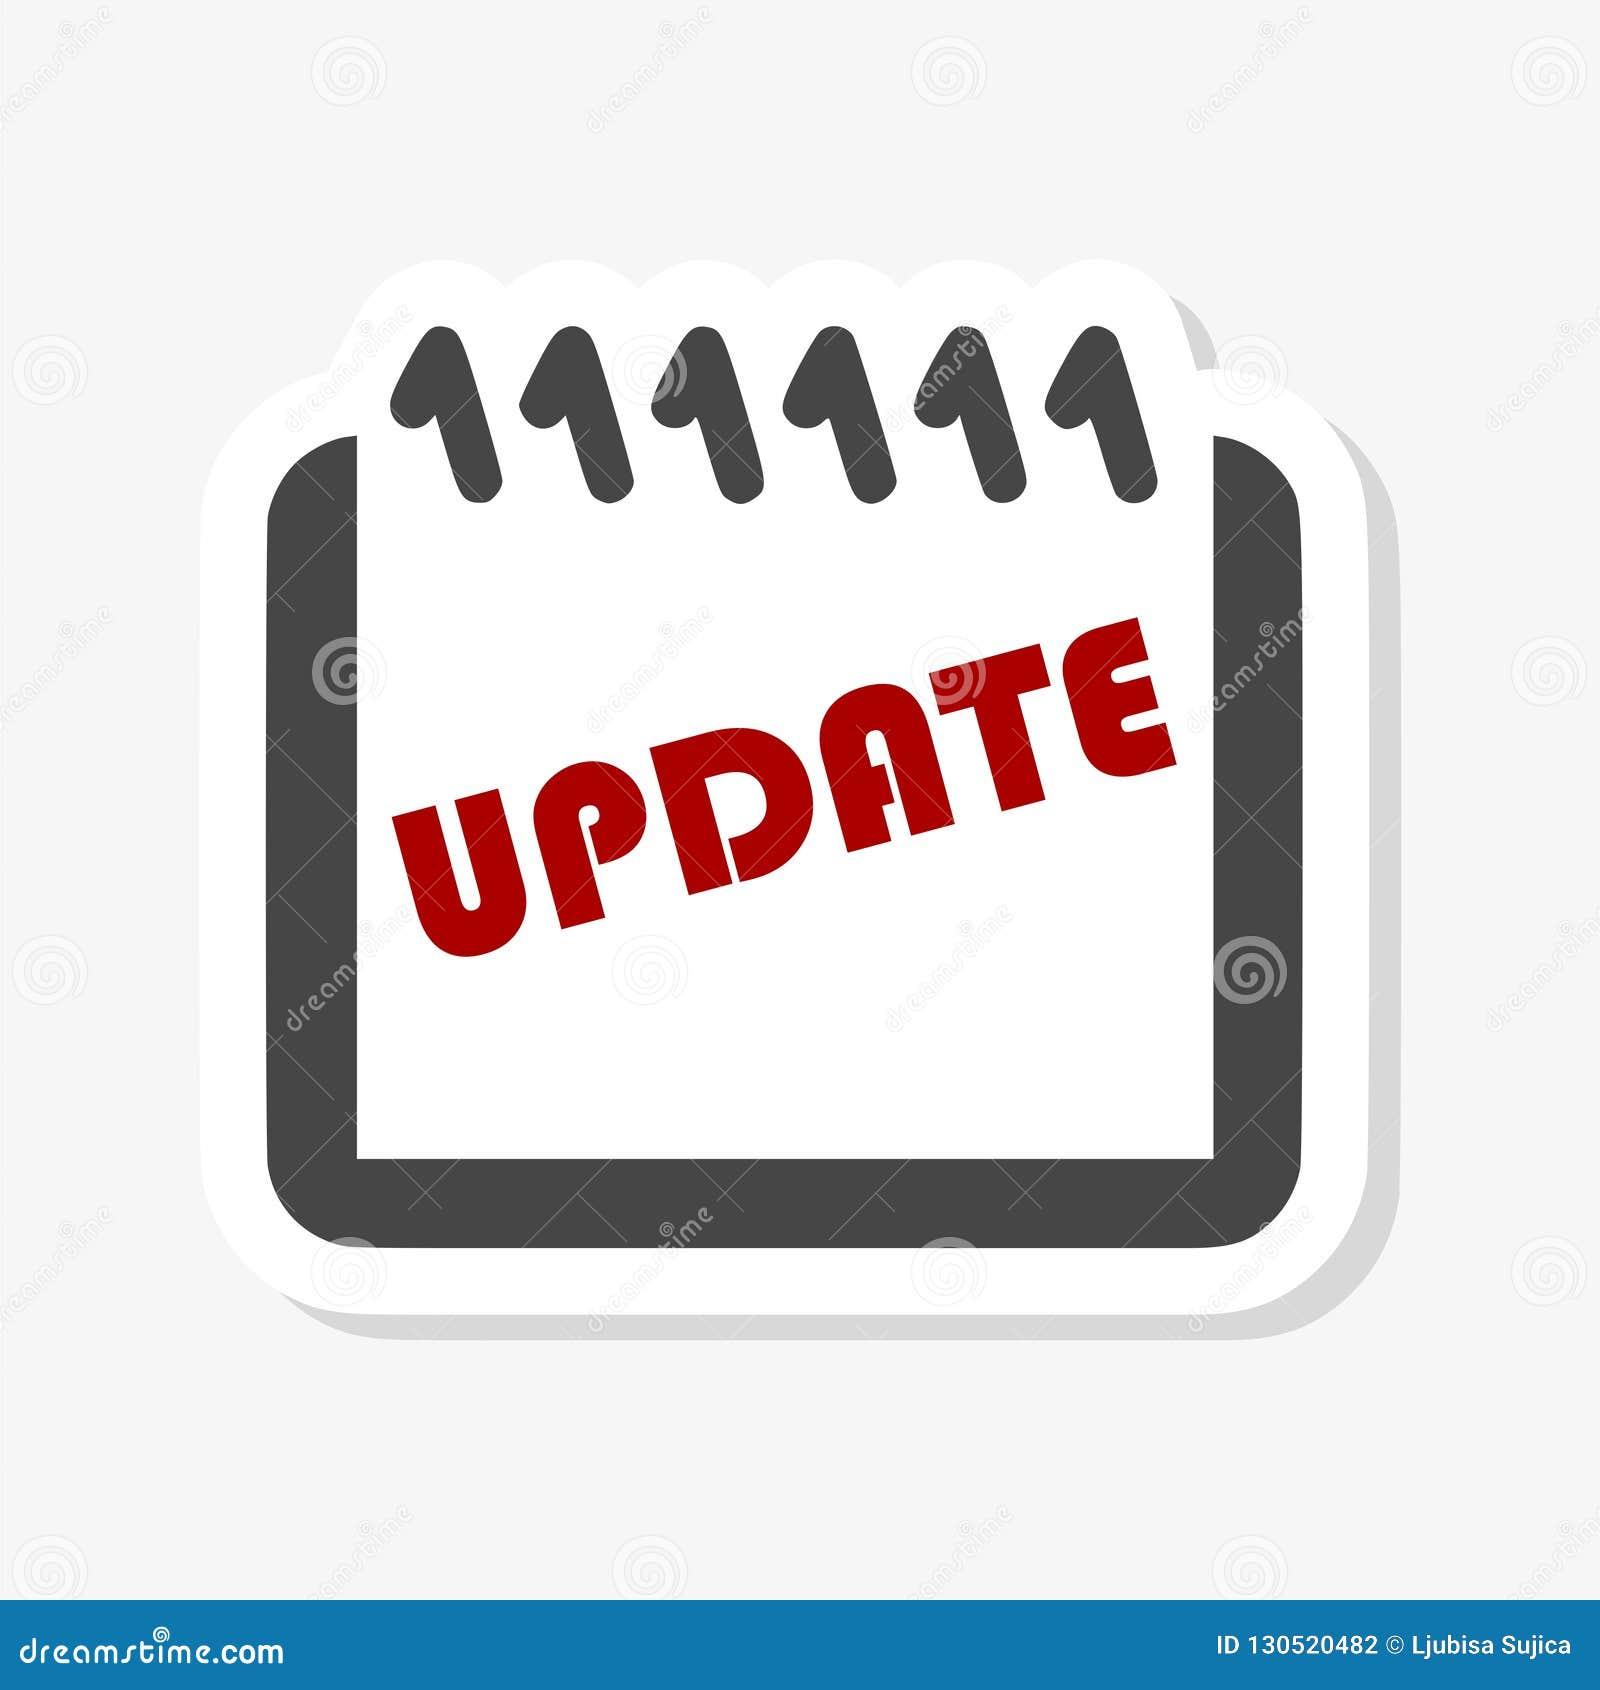 Uppdatering uppdateringprogramvaruklistermärke